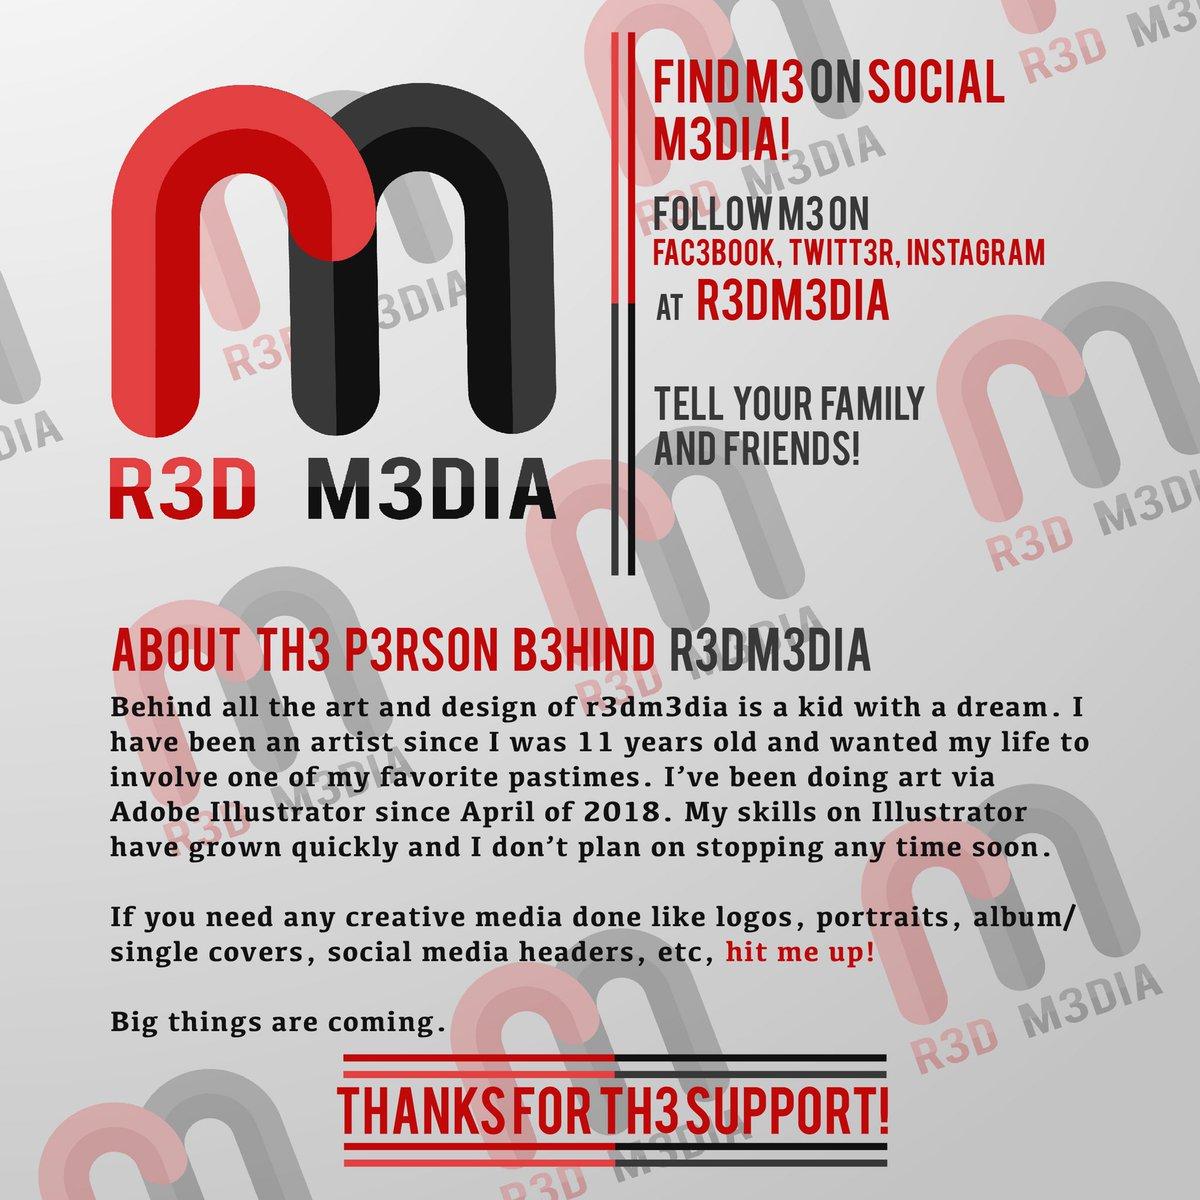 R3dm3dia R3dm3dia Twitter News reporter goes thug life on reporter feminist. r3dm3dia r3dm3dia twitter